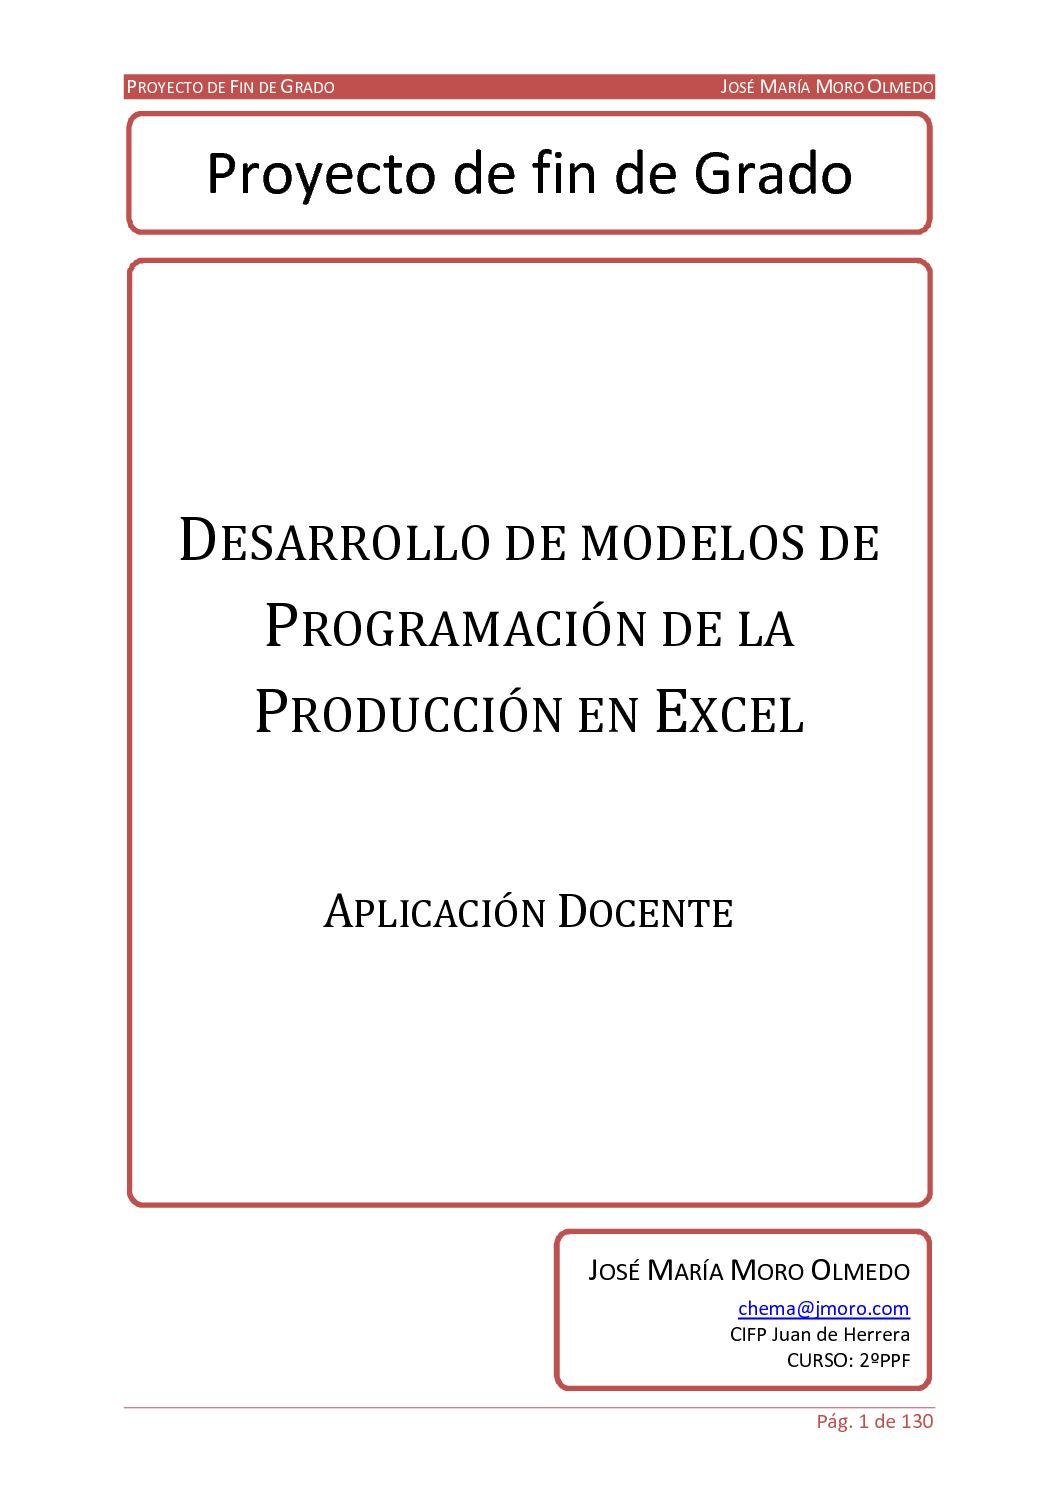 Desarrollo De Modelos De Programación De La Producción En Excel Aplicación Docente